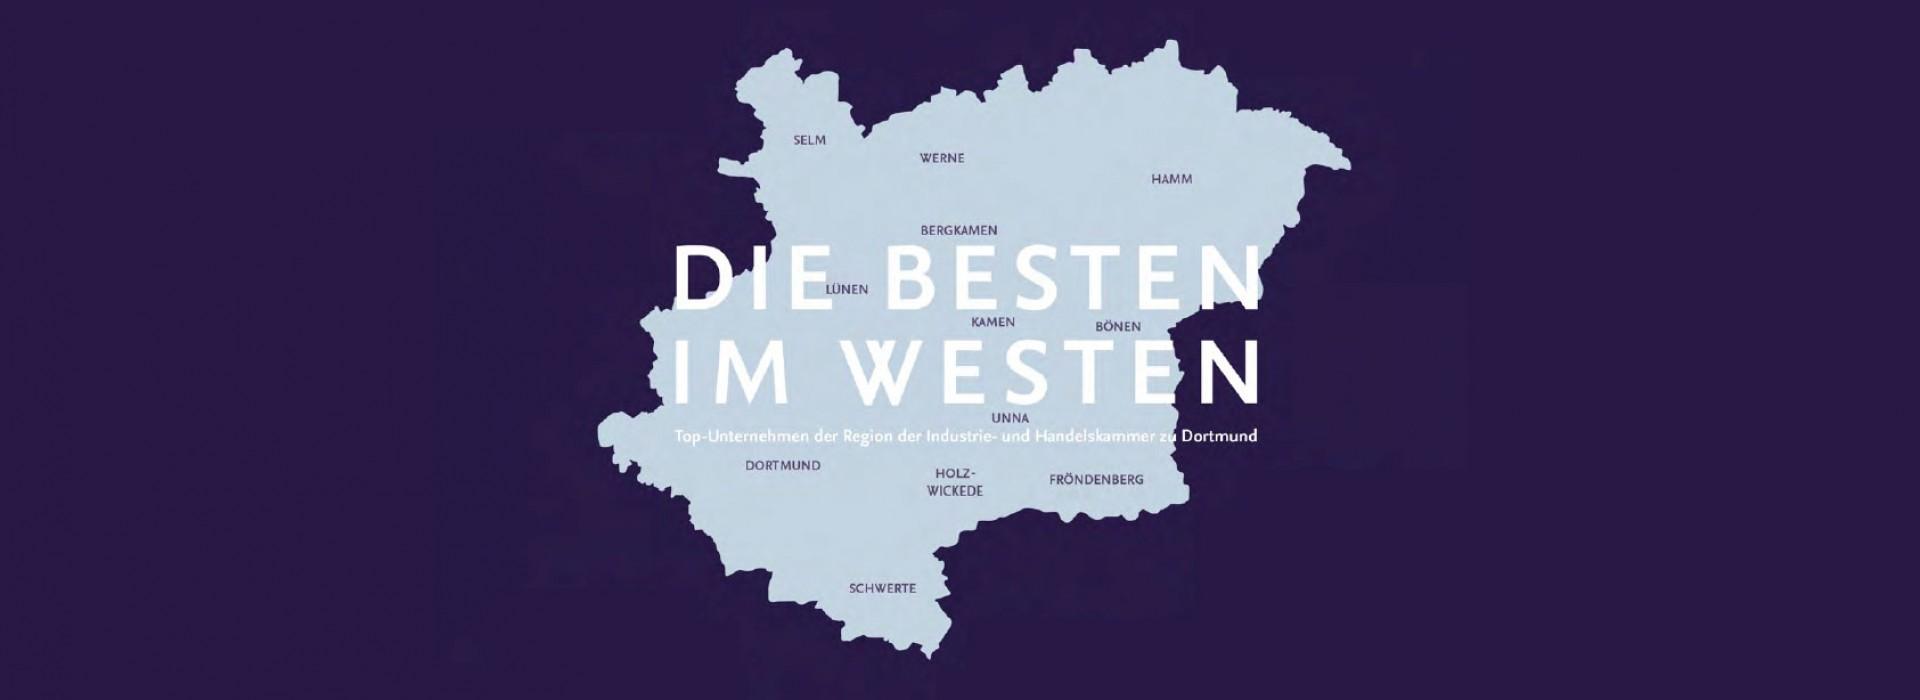 IHk Die Besten im Westen